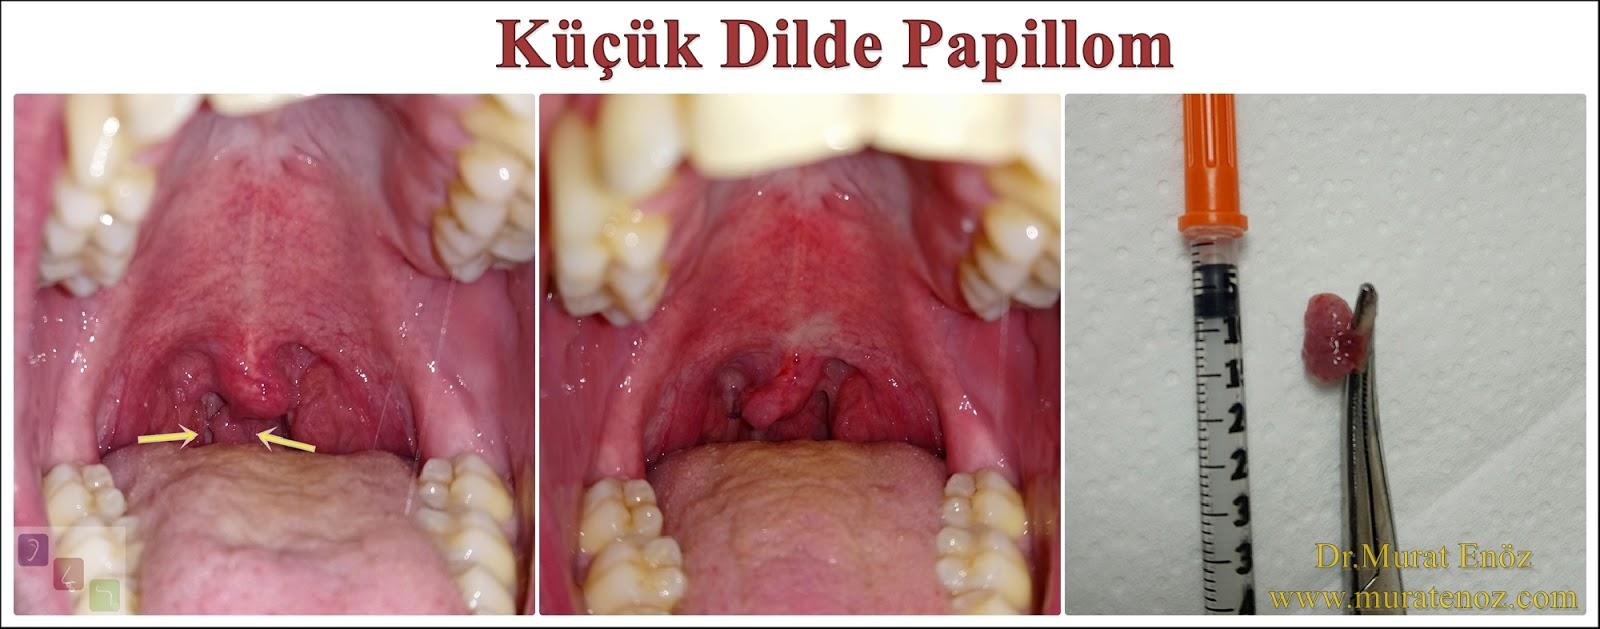 Papilom gingival, Papilomul pe gingie și motivele apariției acestuia în cavitatea bucală